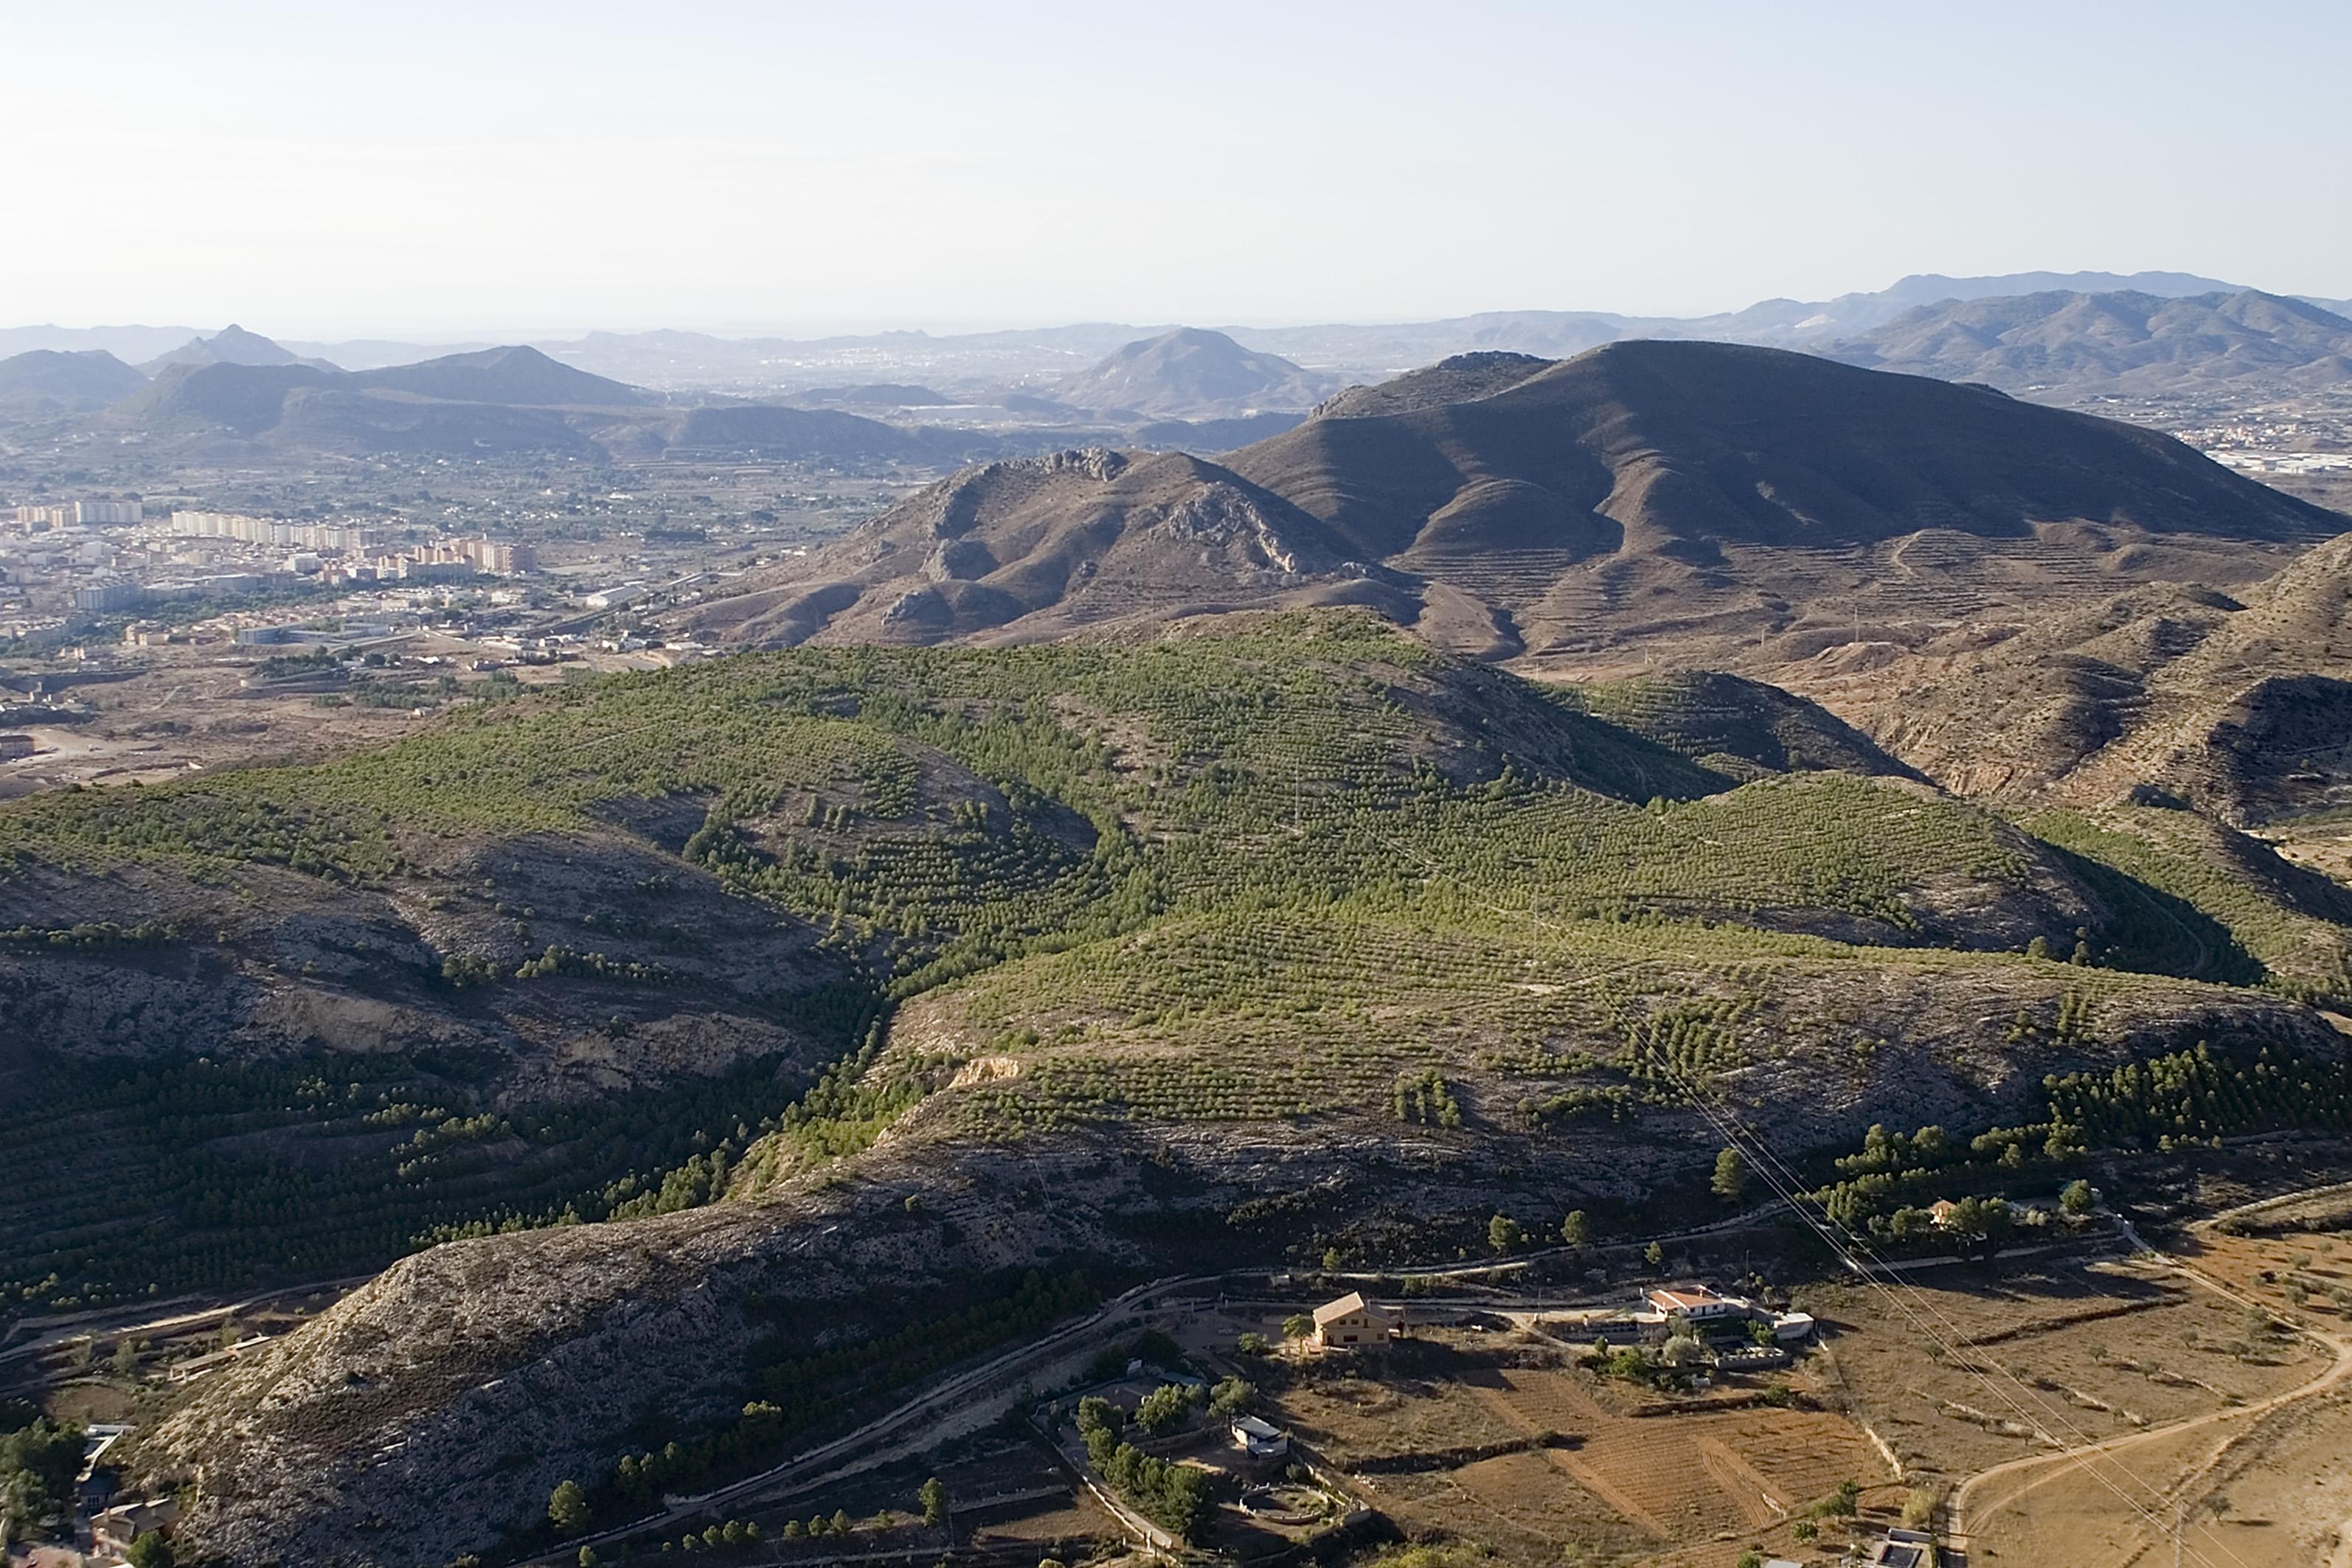 El Ayuntamiento de Elda inicia los trámites para redactar los Planes de Actuación Municipal ante incendios forestales y movimientos sísmicos